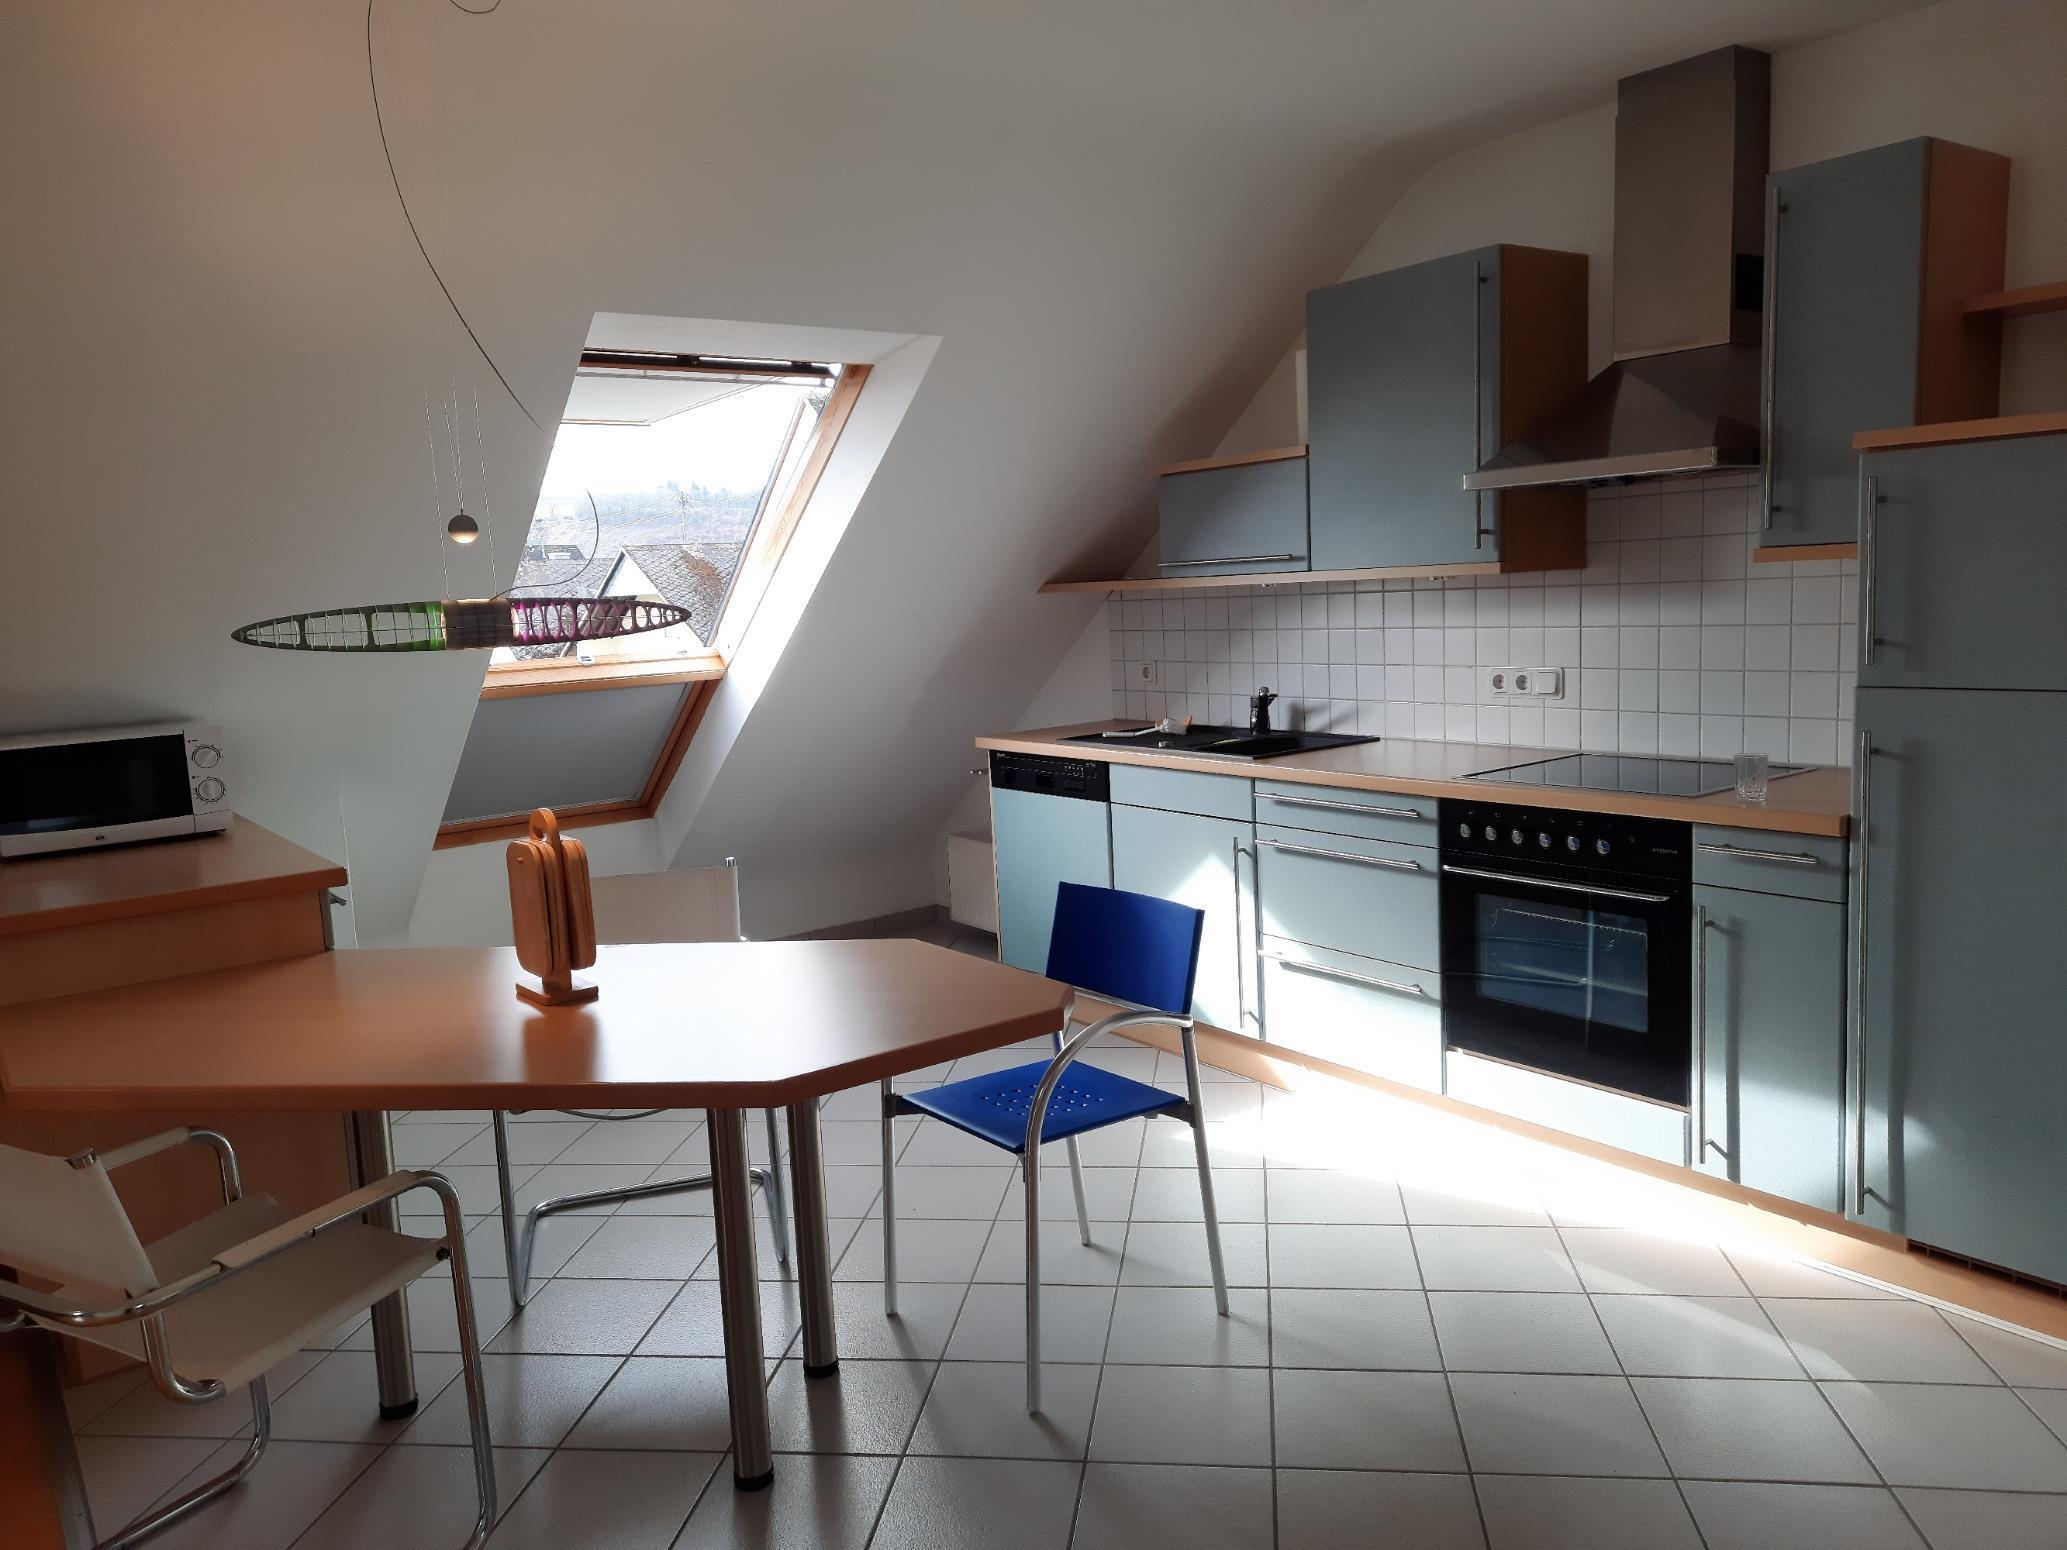 Ferienwohnung Wanderlust Morscheid Küche 1